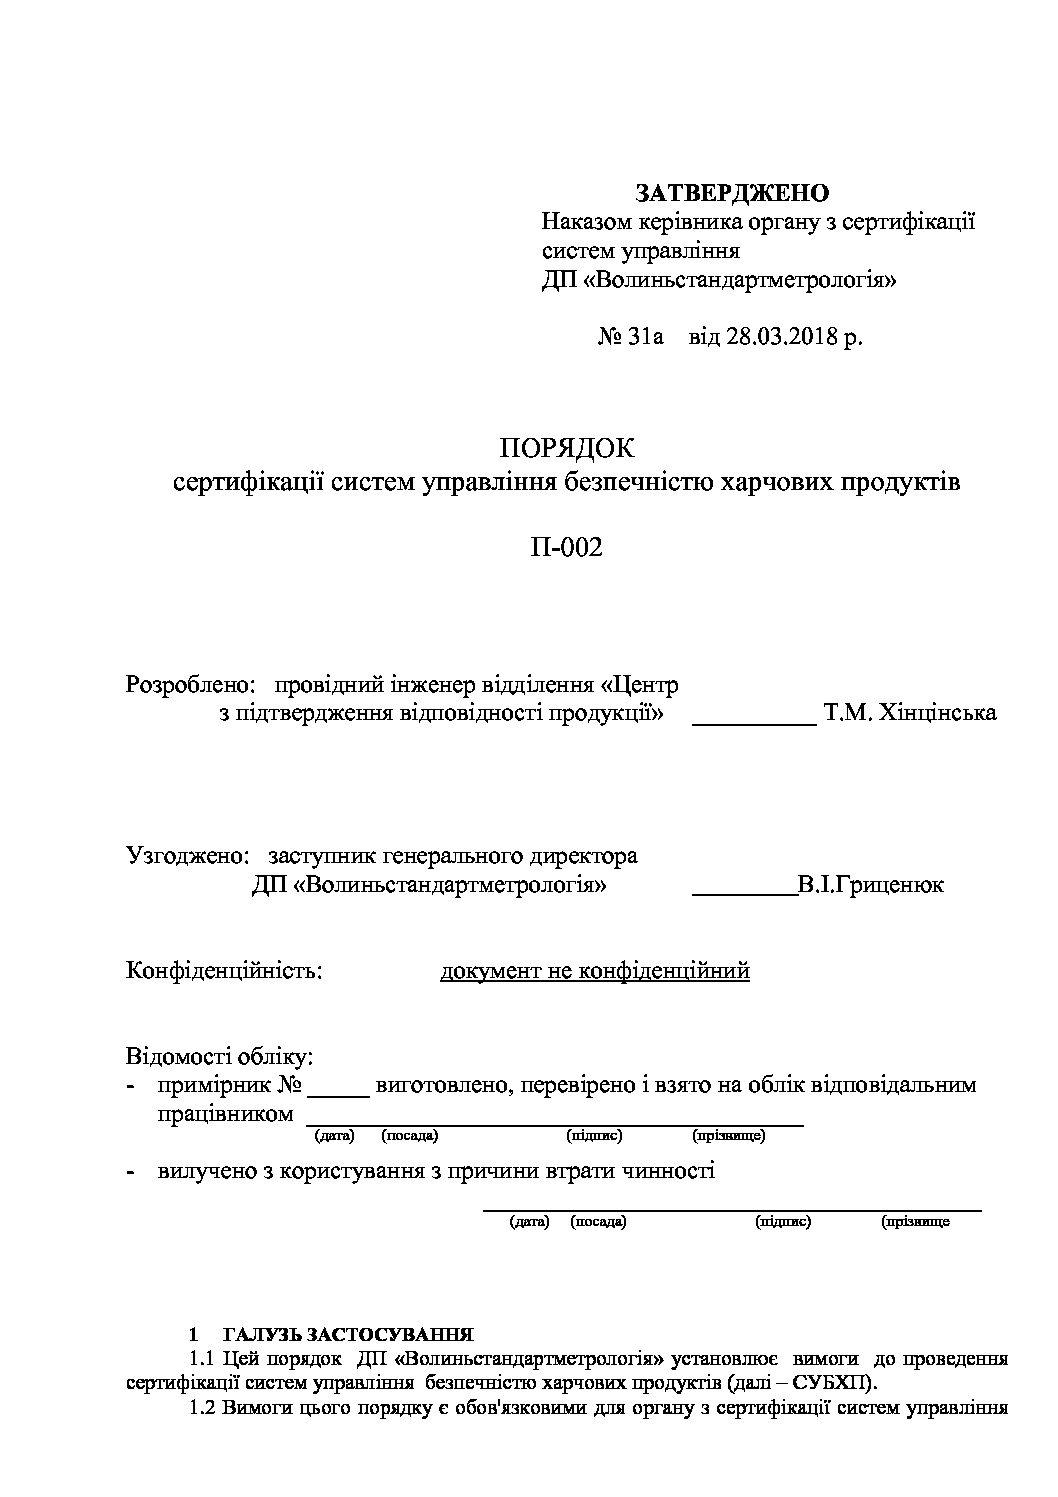 Порядок сертифікації СУБХП